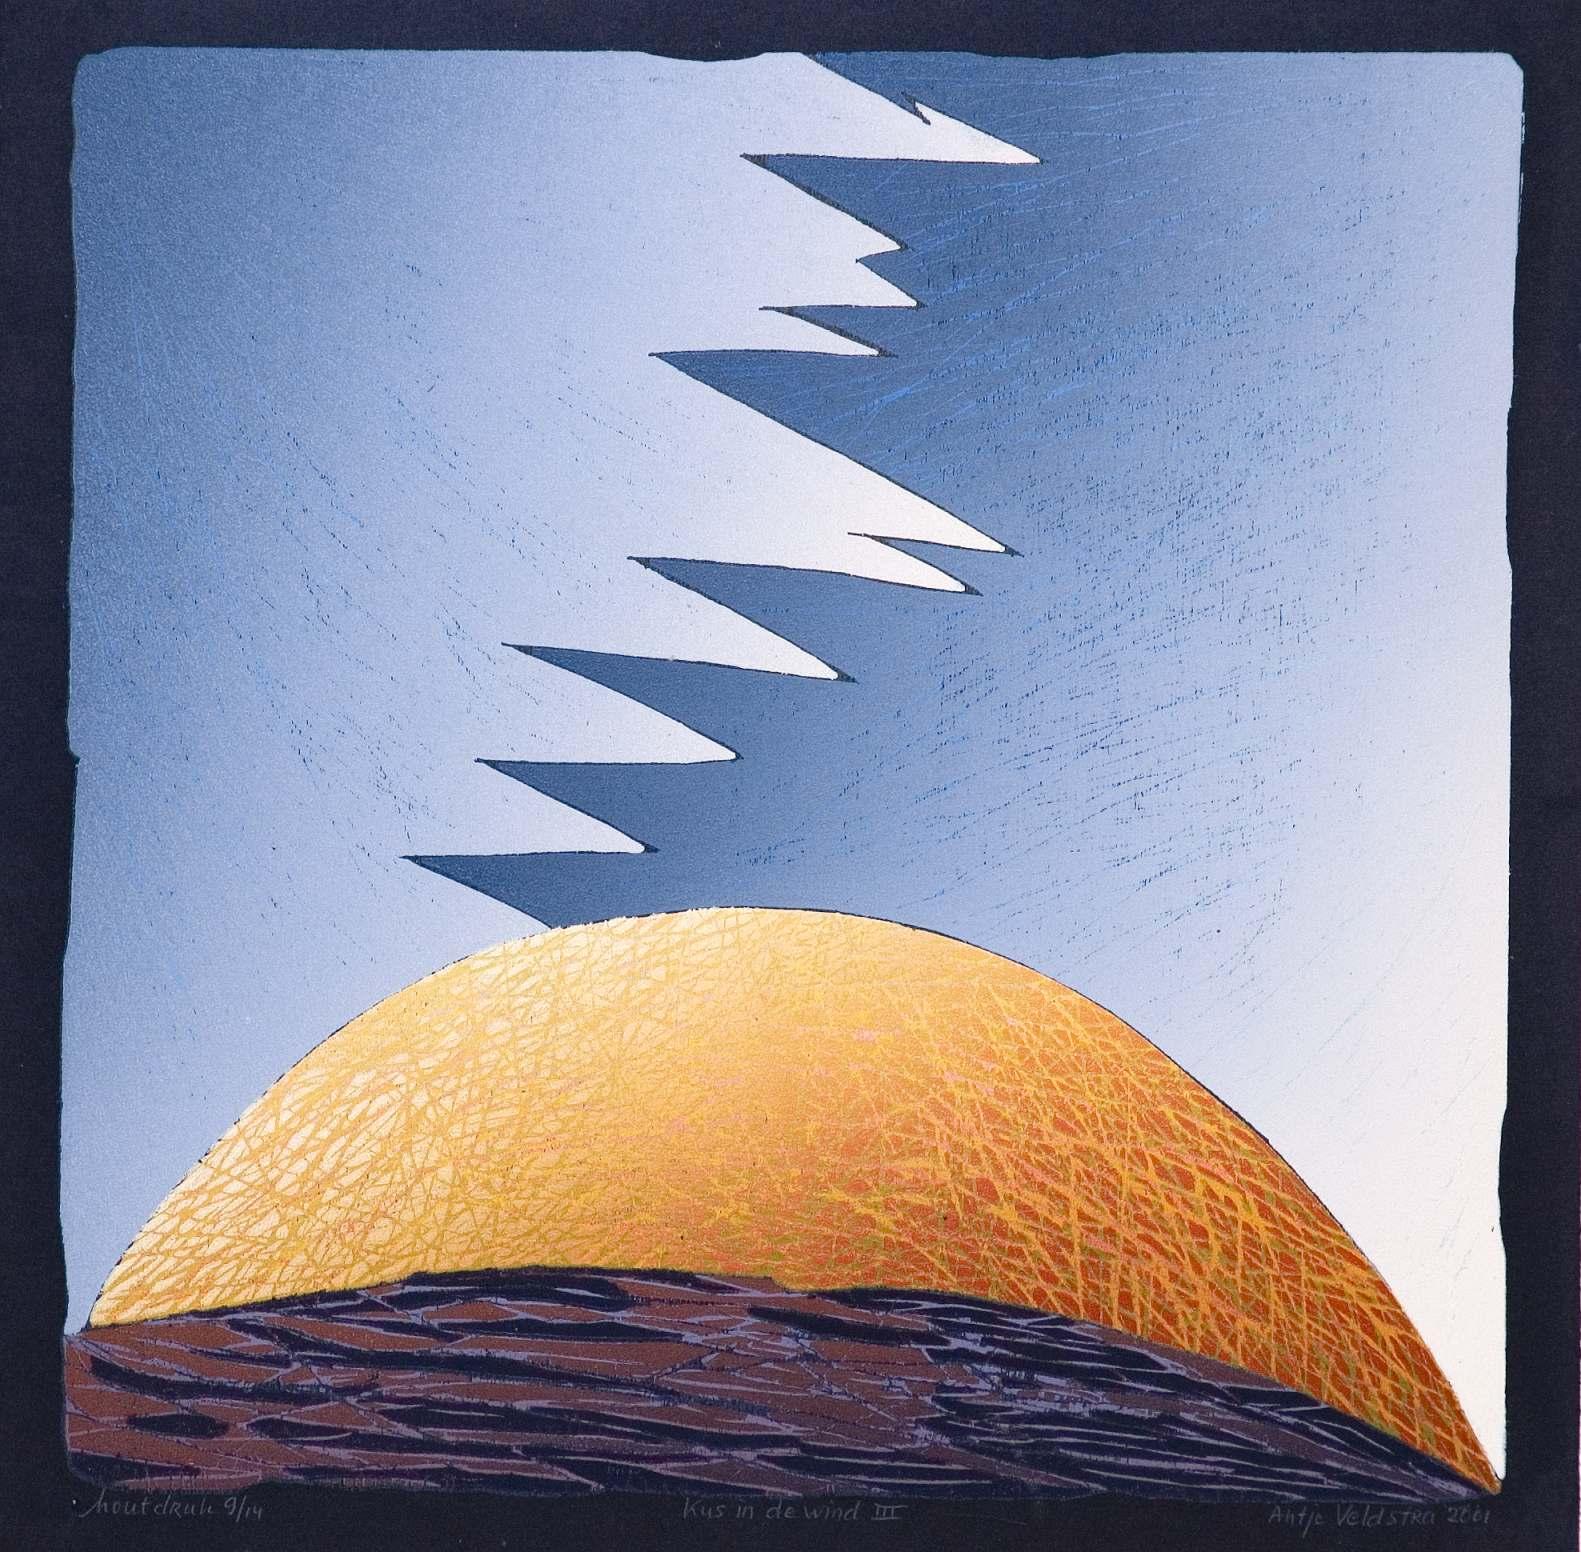 engelen-kus-in-de-wind-iii-40-x-40-cm